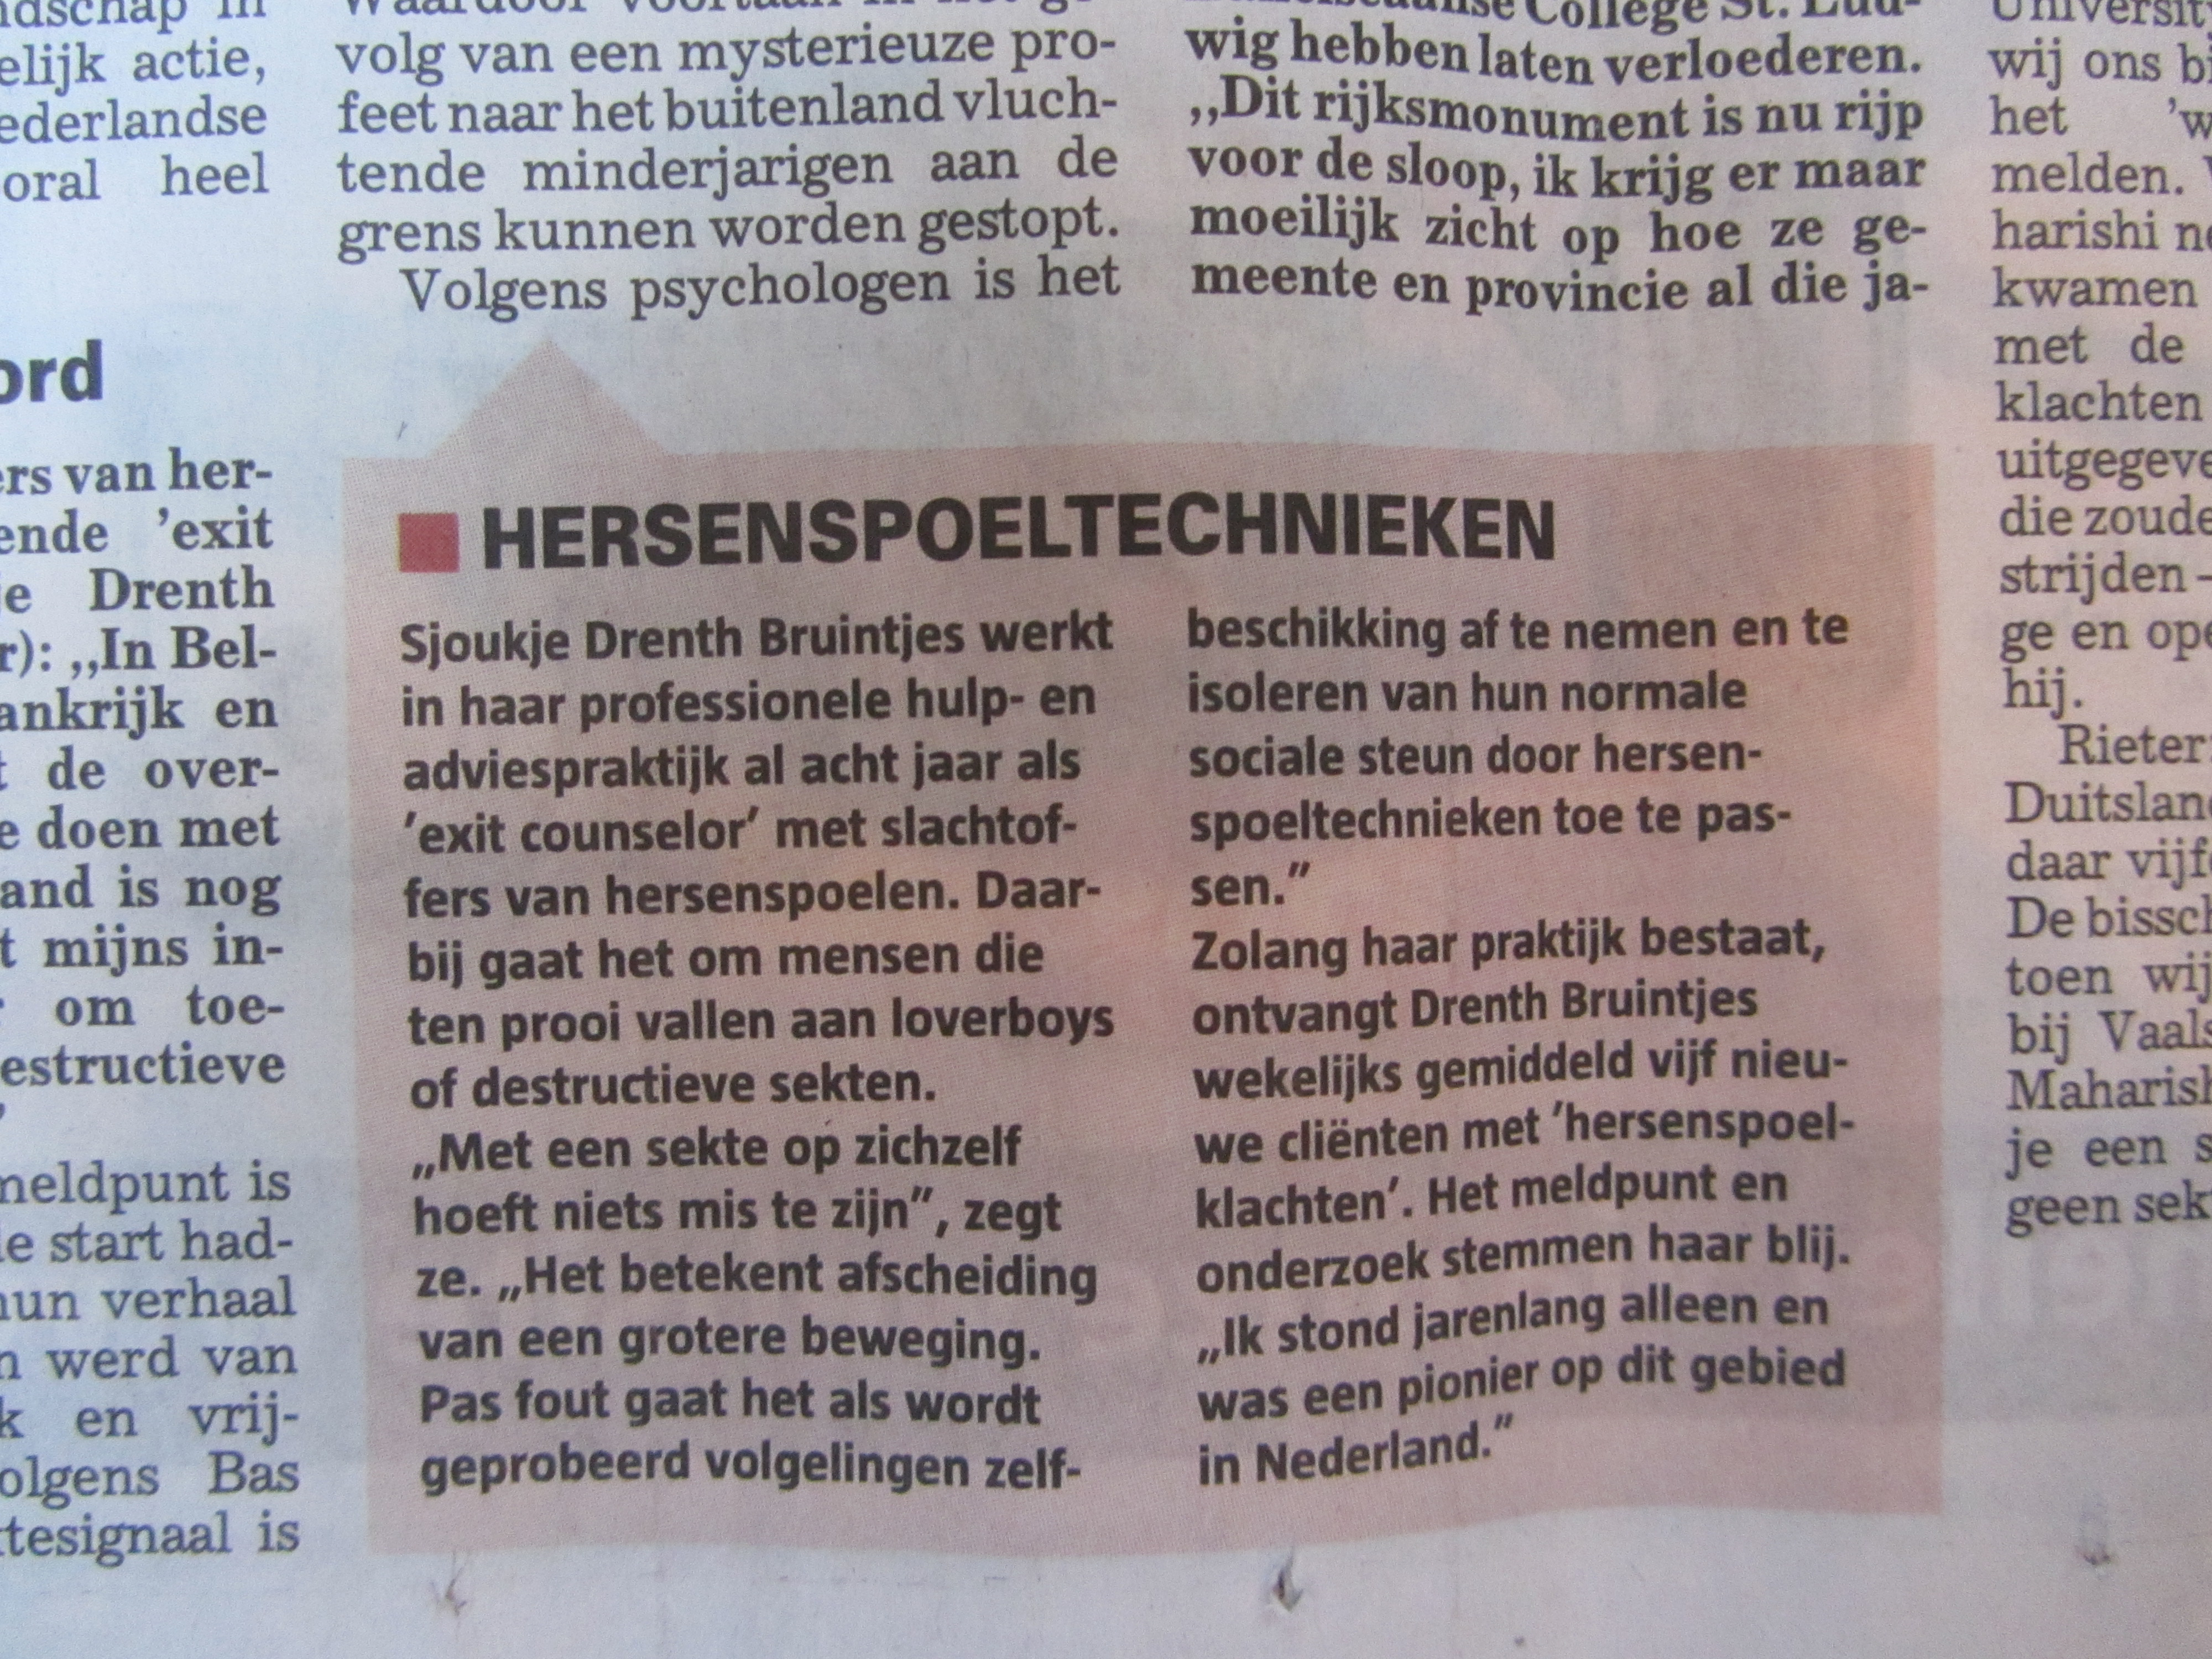 Sjoukje Drenth Bruintjes in de Telegraaf over sekte en hersenspoeltechnieken mrt. 2013